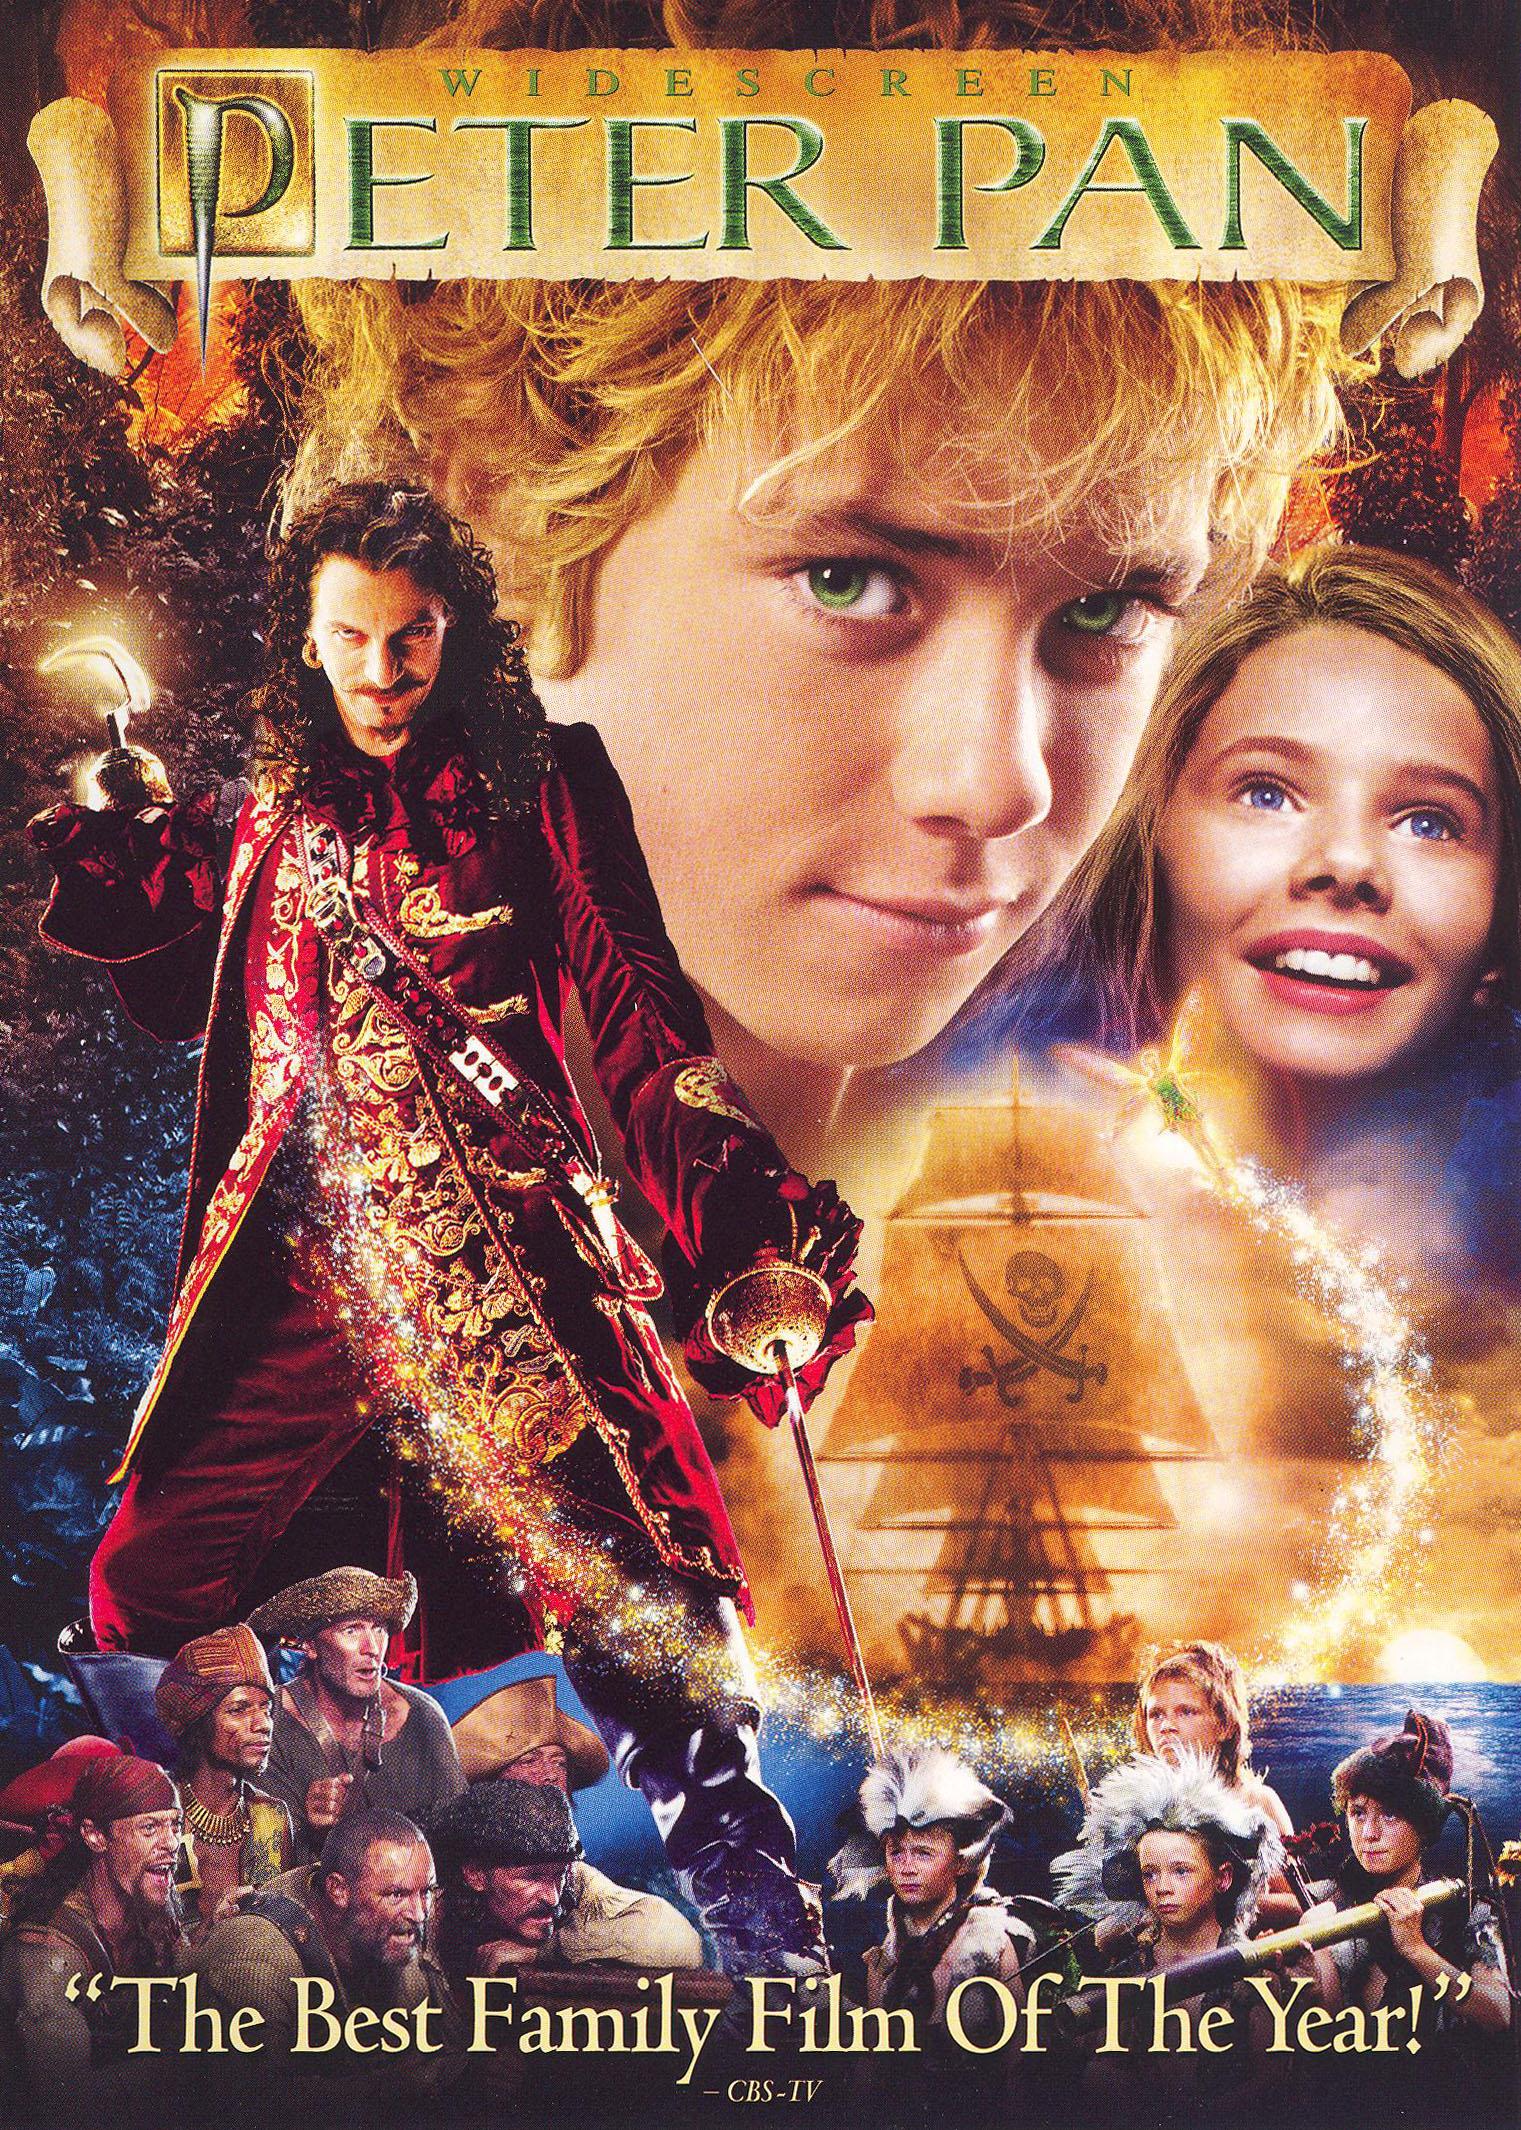 Питер Пэн / Peter Pan 2003 Фэнтези, мелодрама, приключения, семейный BDRip Dub Лицензия + Org Eng Rus Eng Sub.